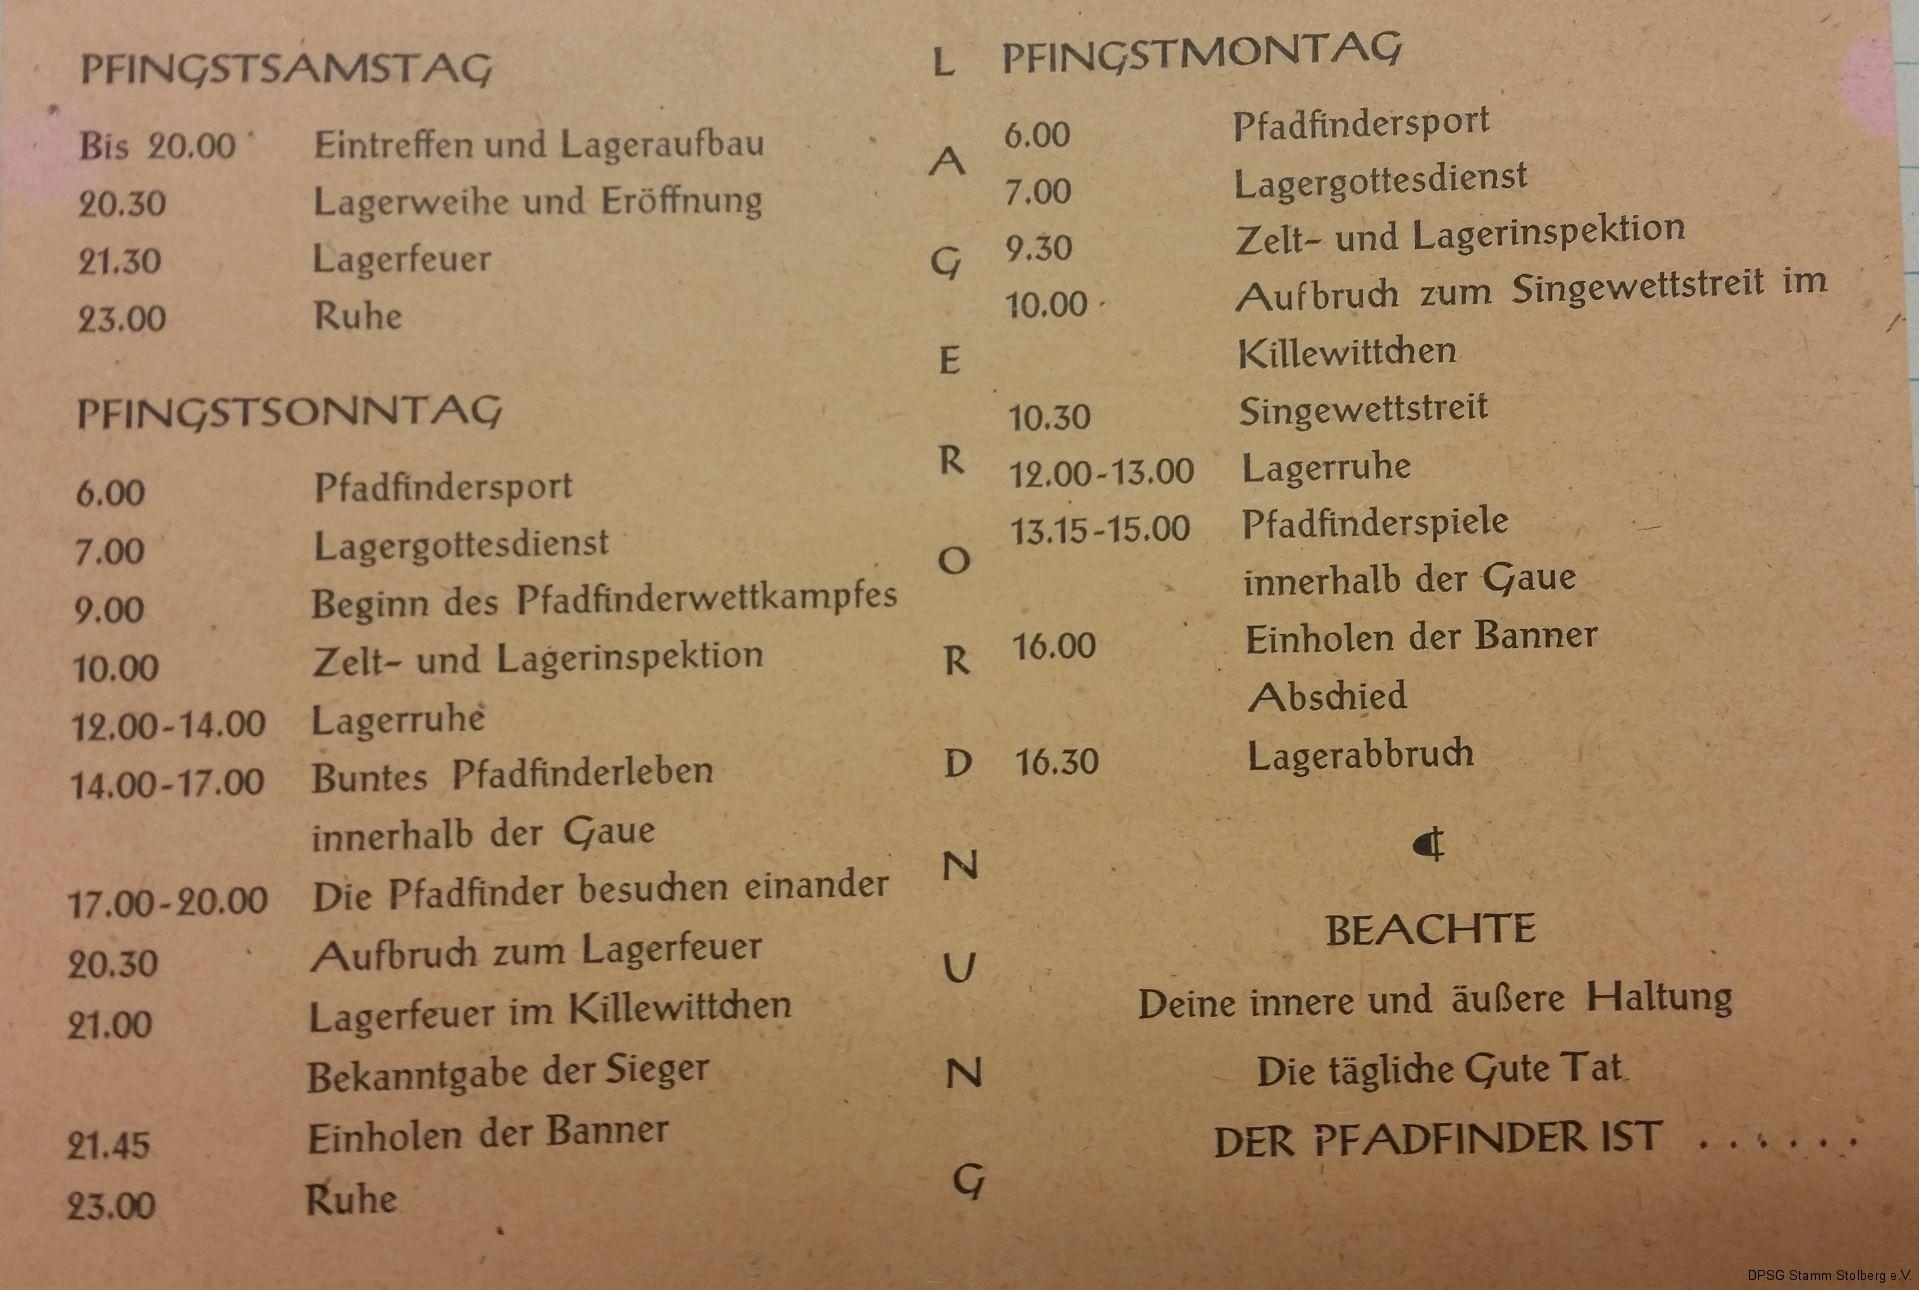 Programm des Landestreffen - Pfingsten 1949